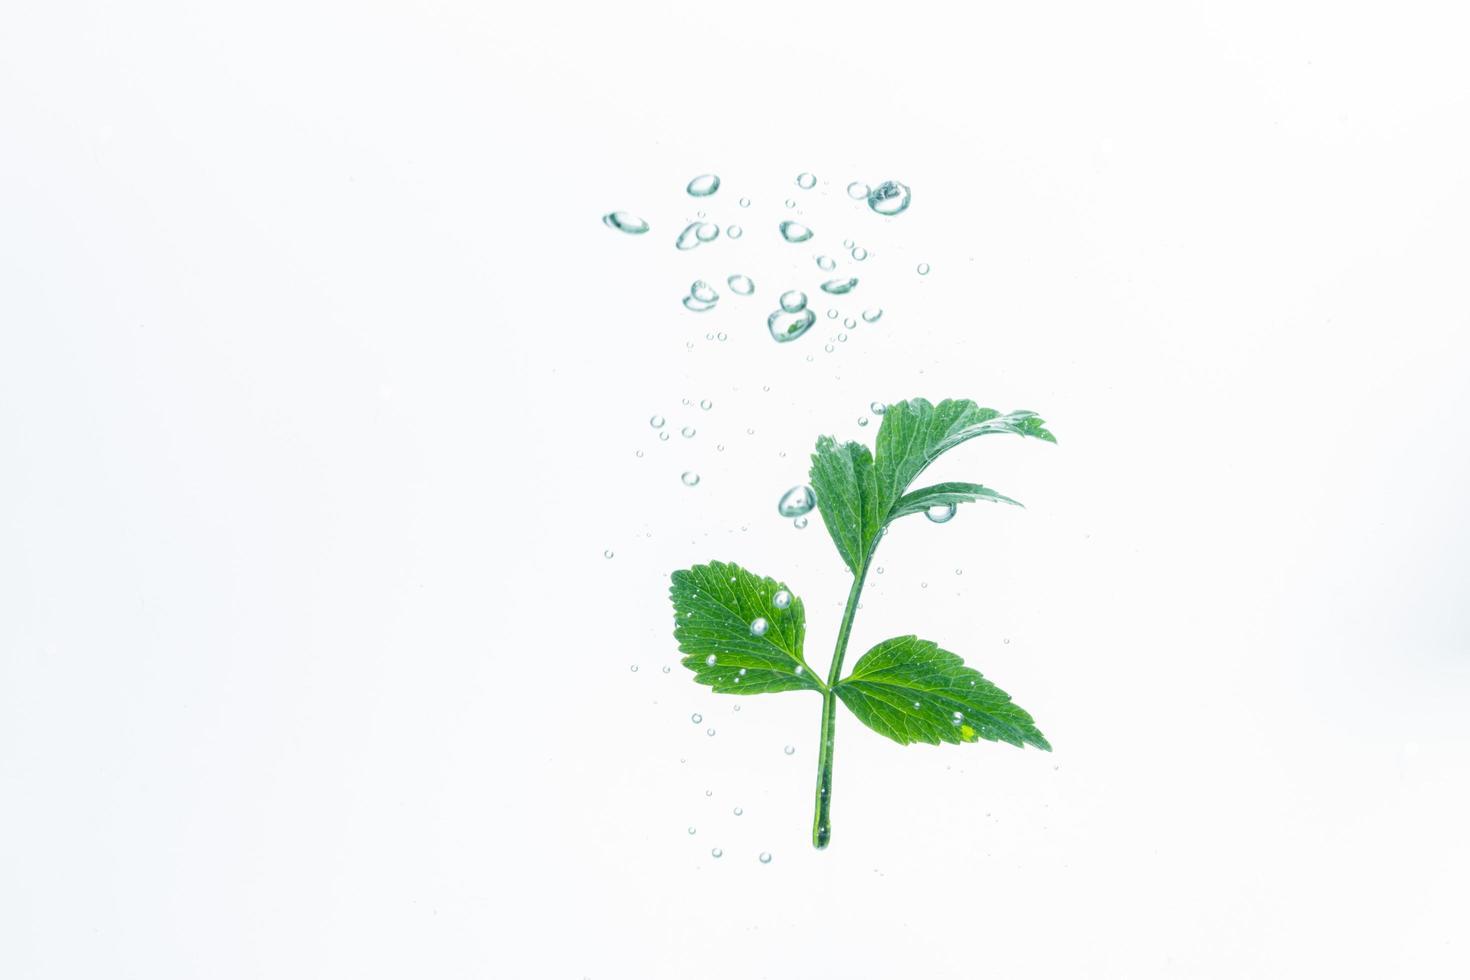 grön växt och bubblor i vattnet foto